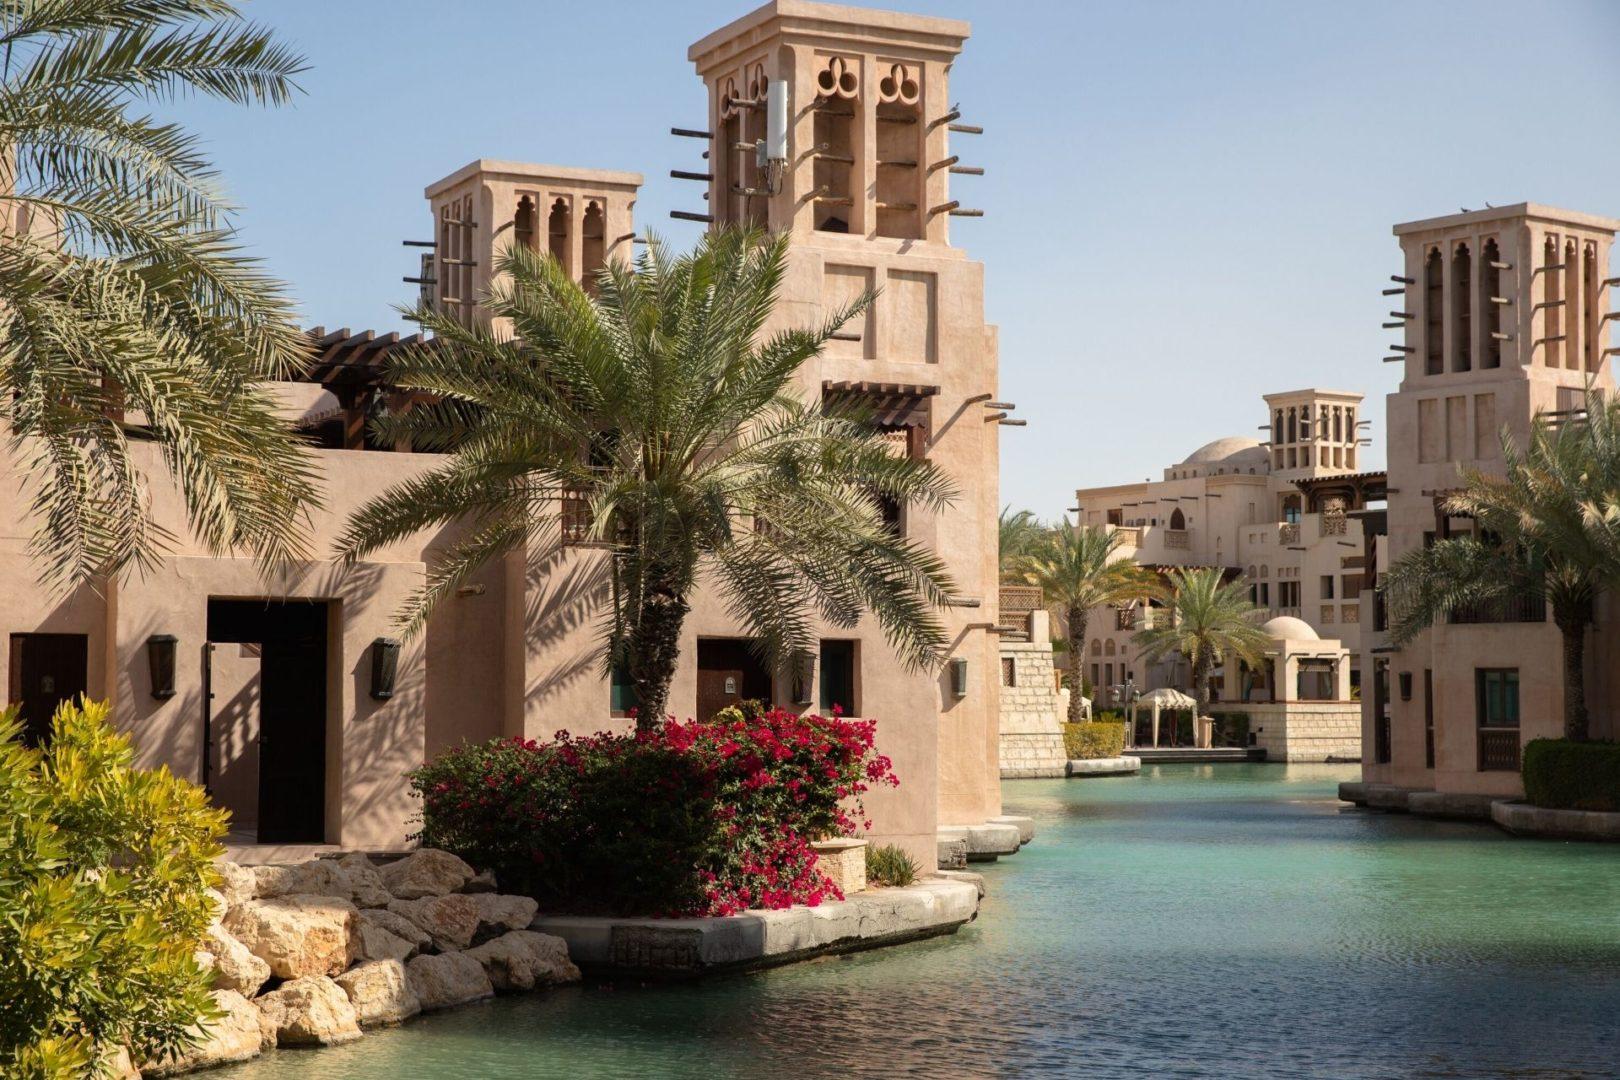 Jumeirah Waterways